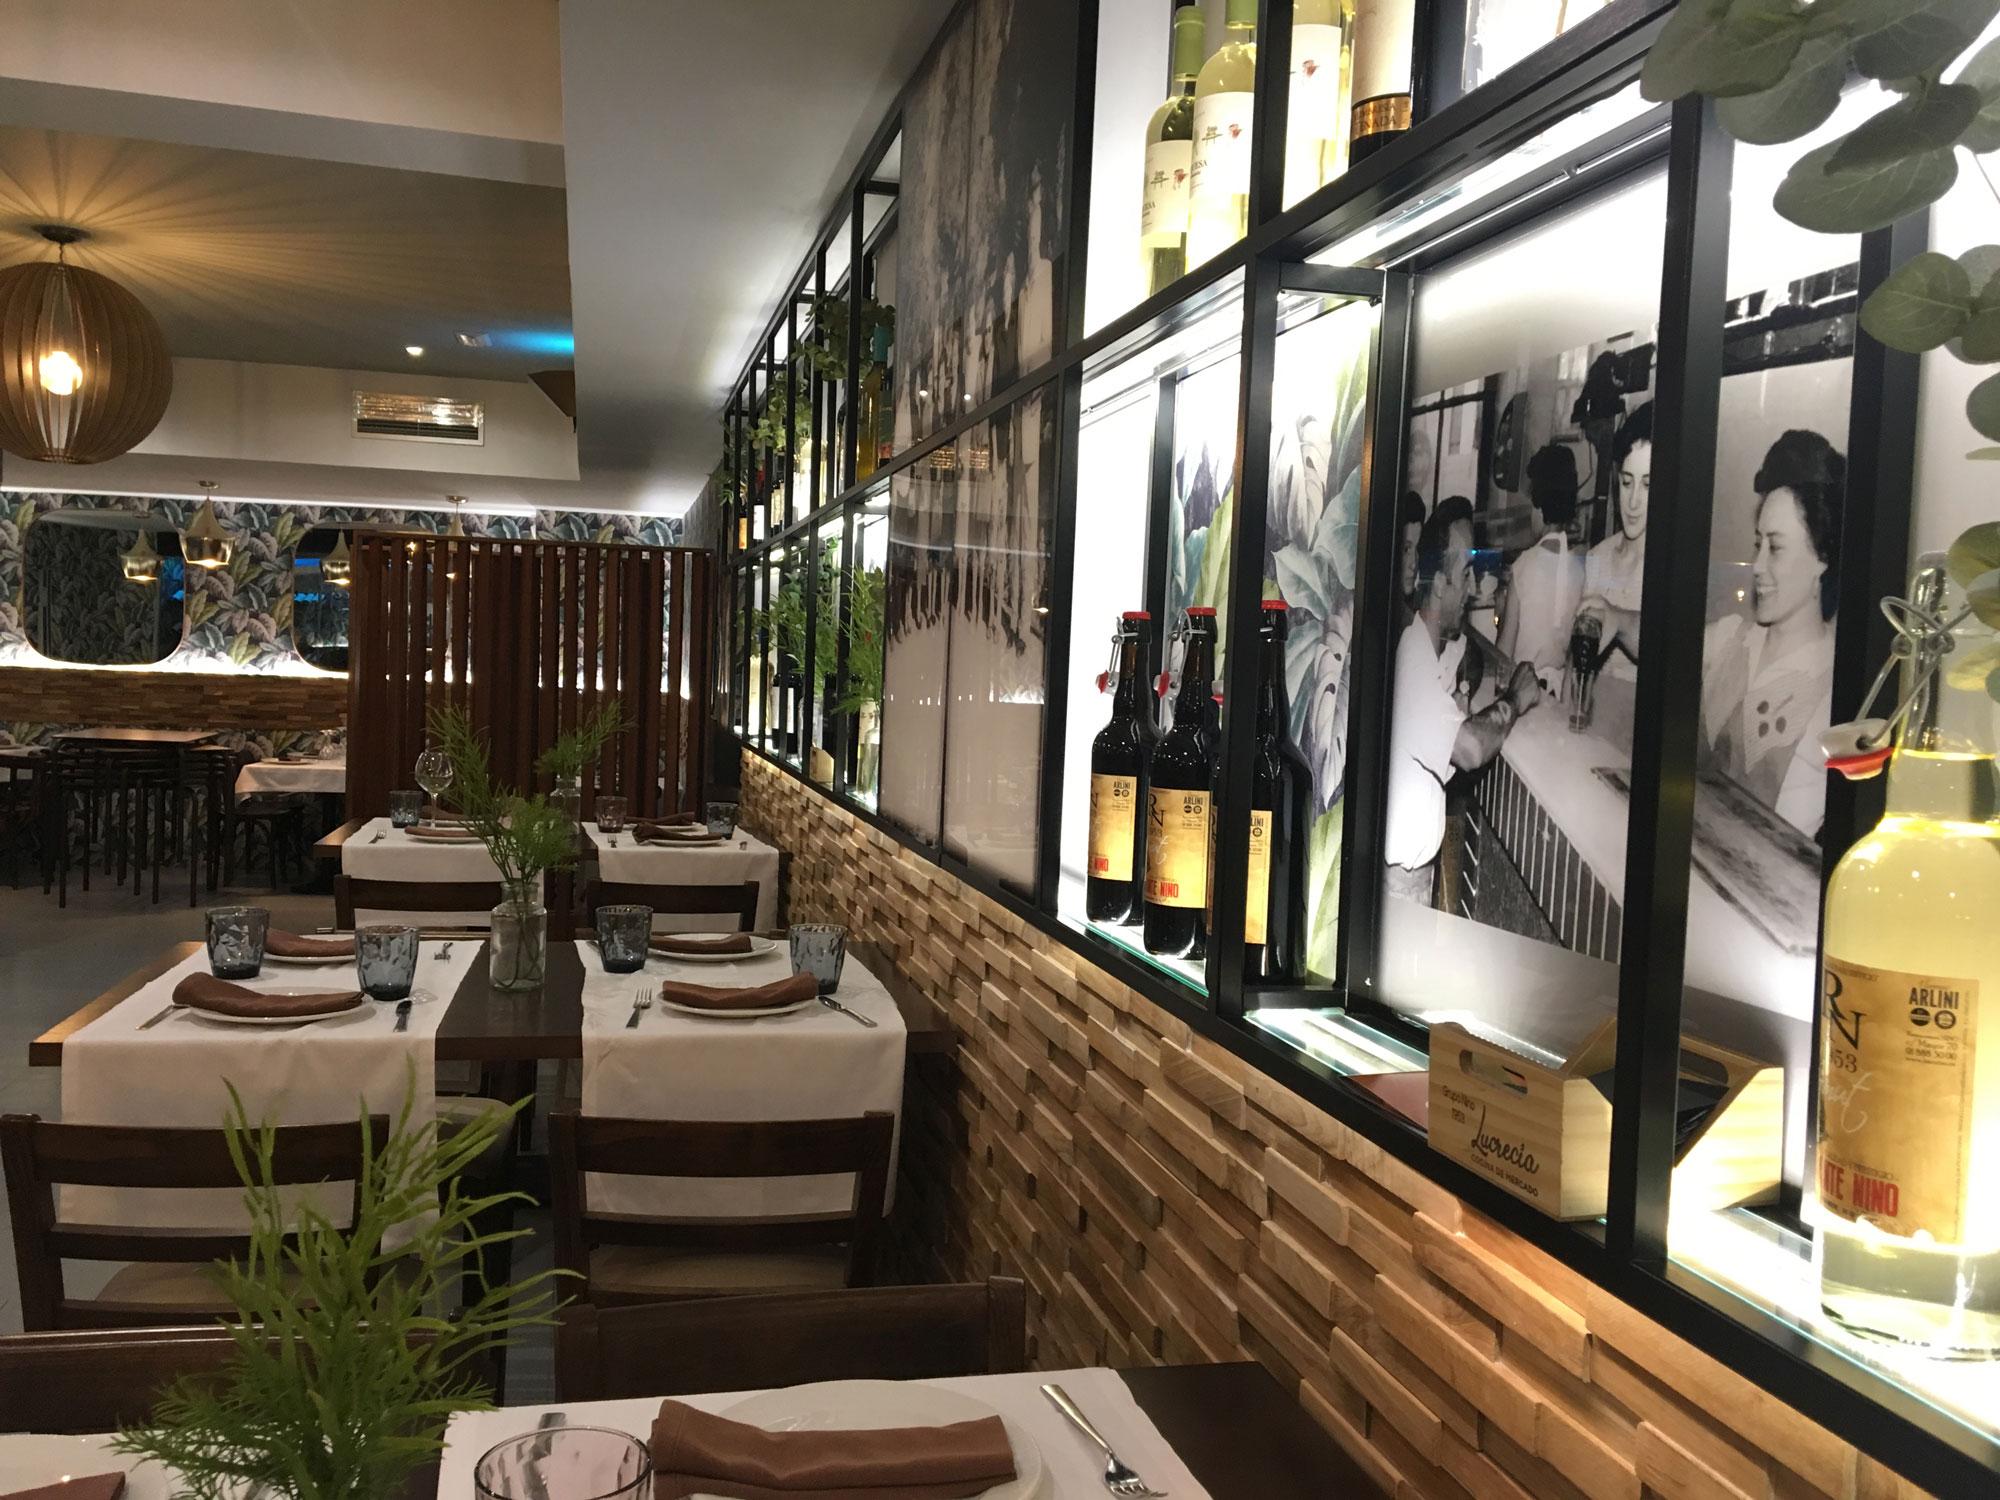 Restaurante-Lucrecia-Alcala-Mesas-Altas